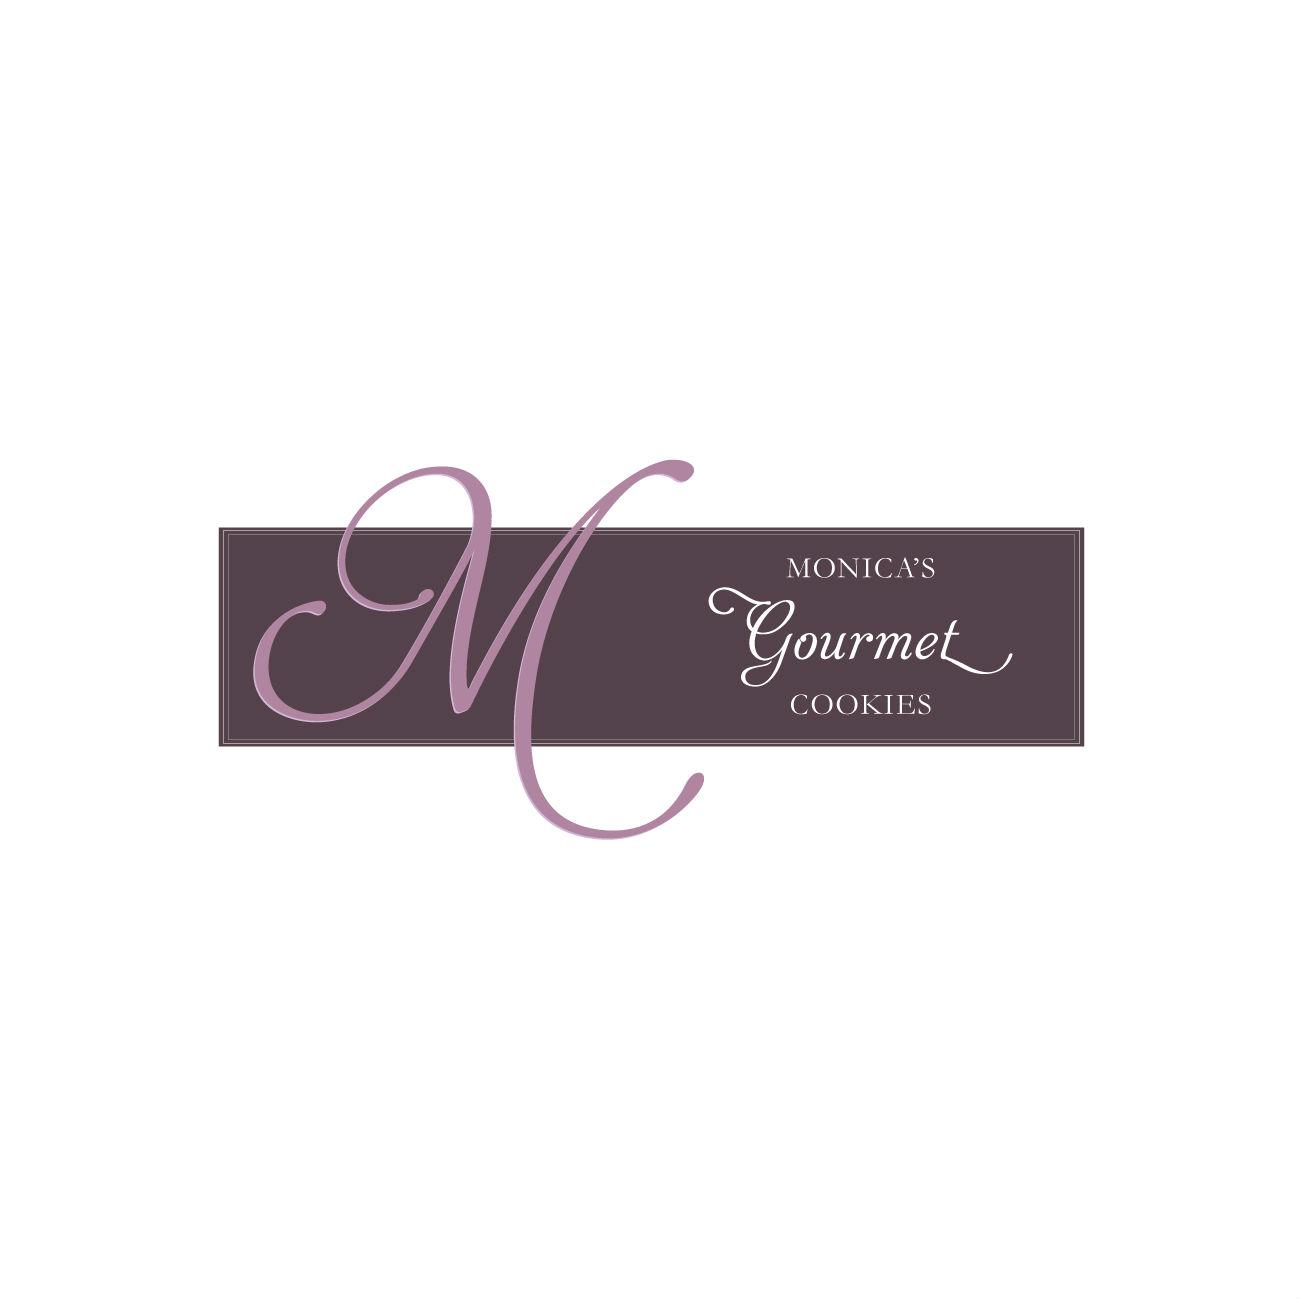 Monica's Gourmet Cookies logo